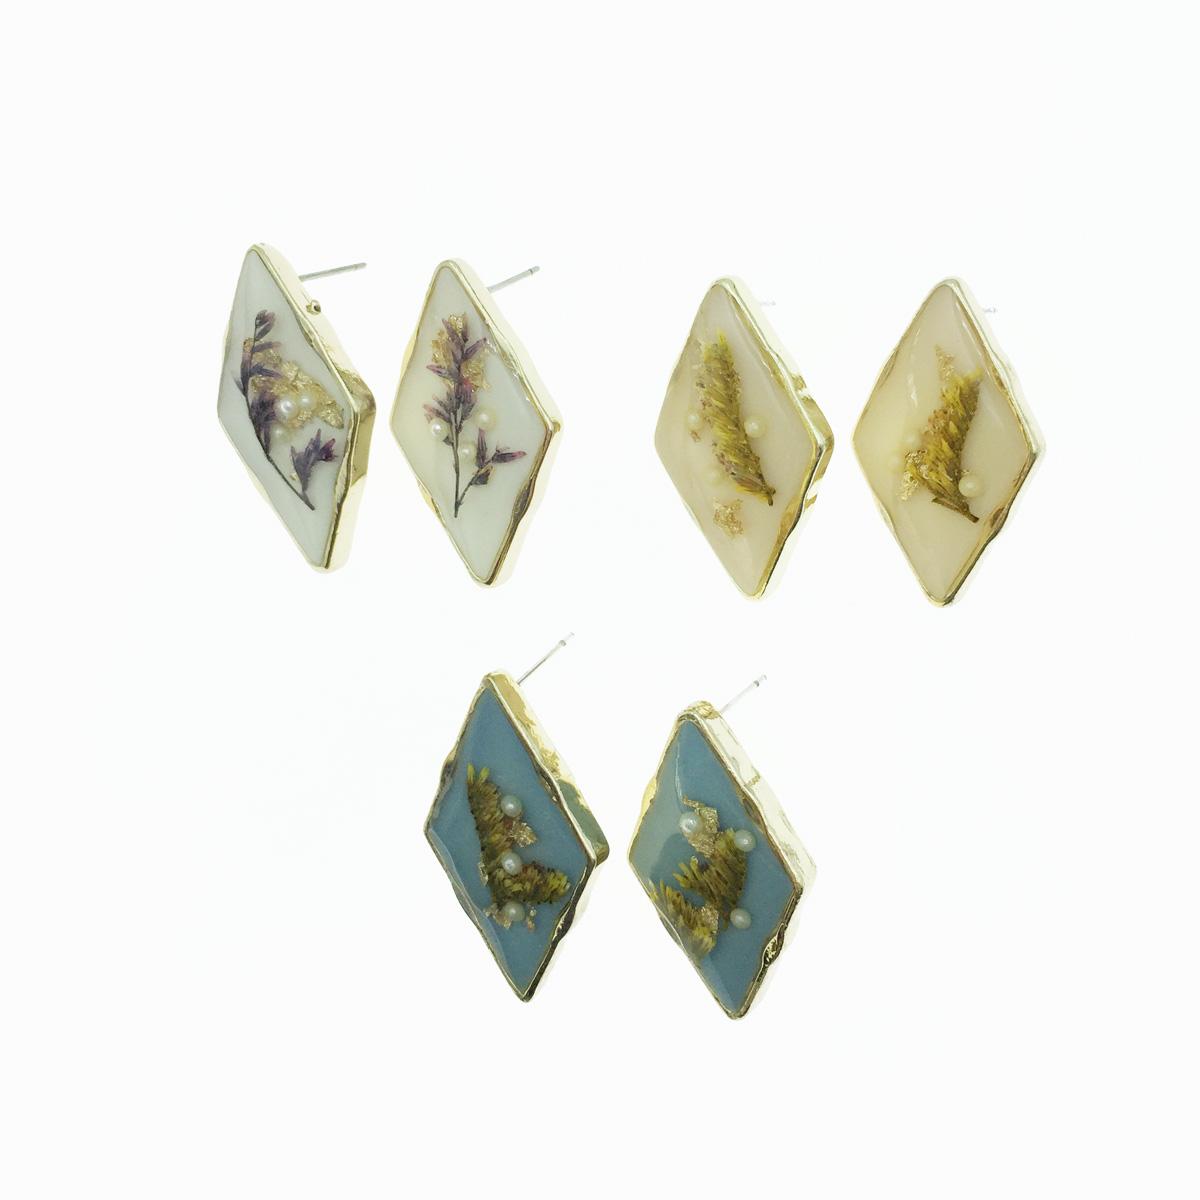 韓國 乾燥花 金邊菱形 珍珠 透明夾層 3色 耳針式耳環